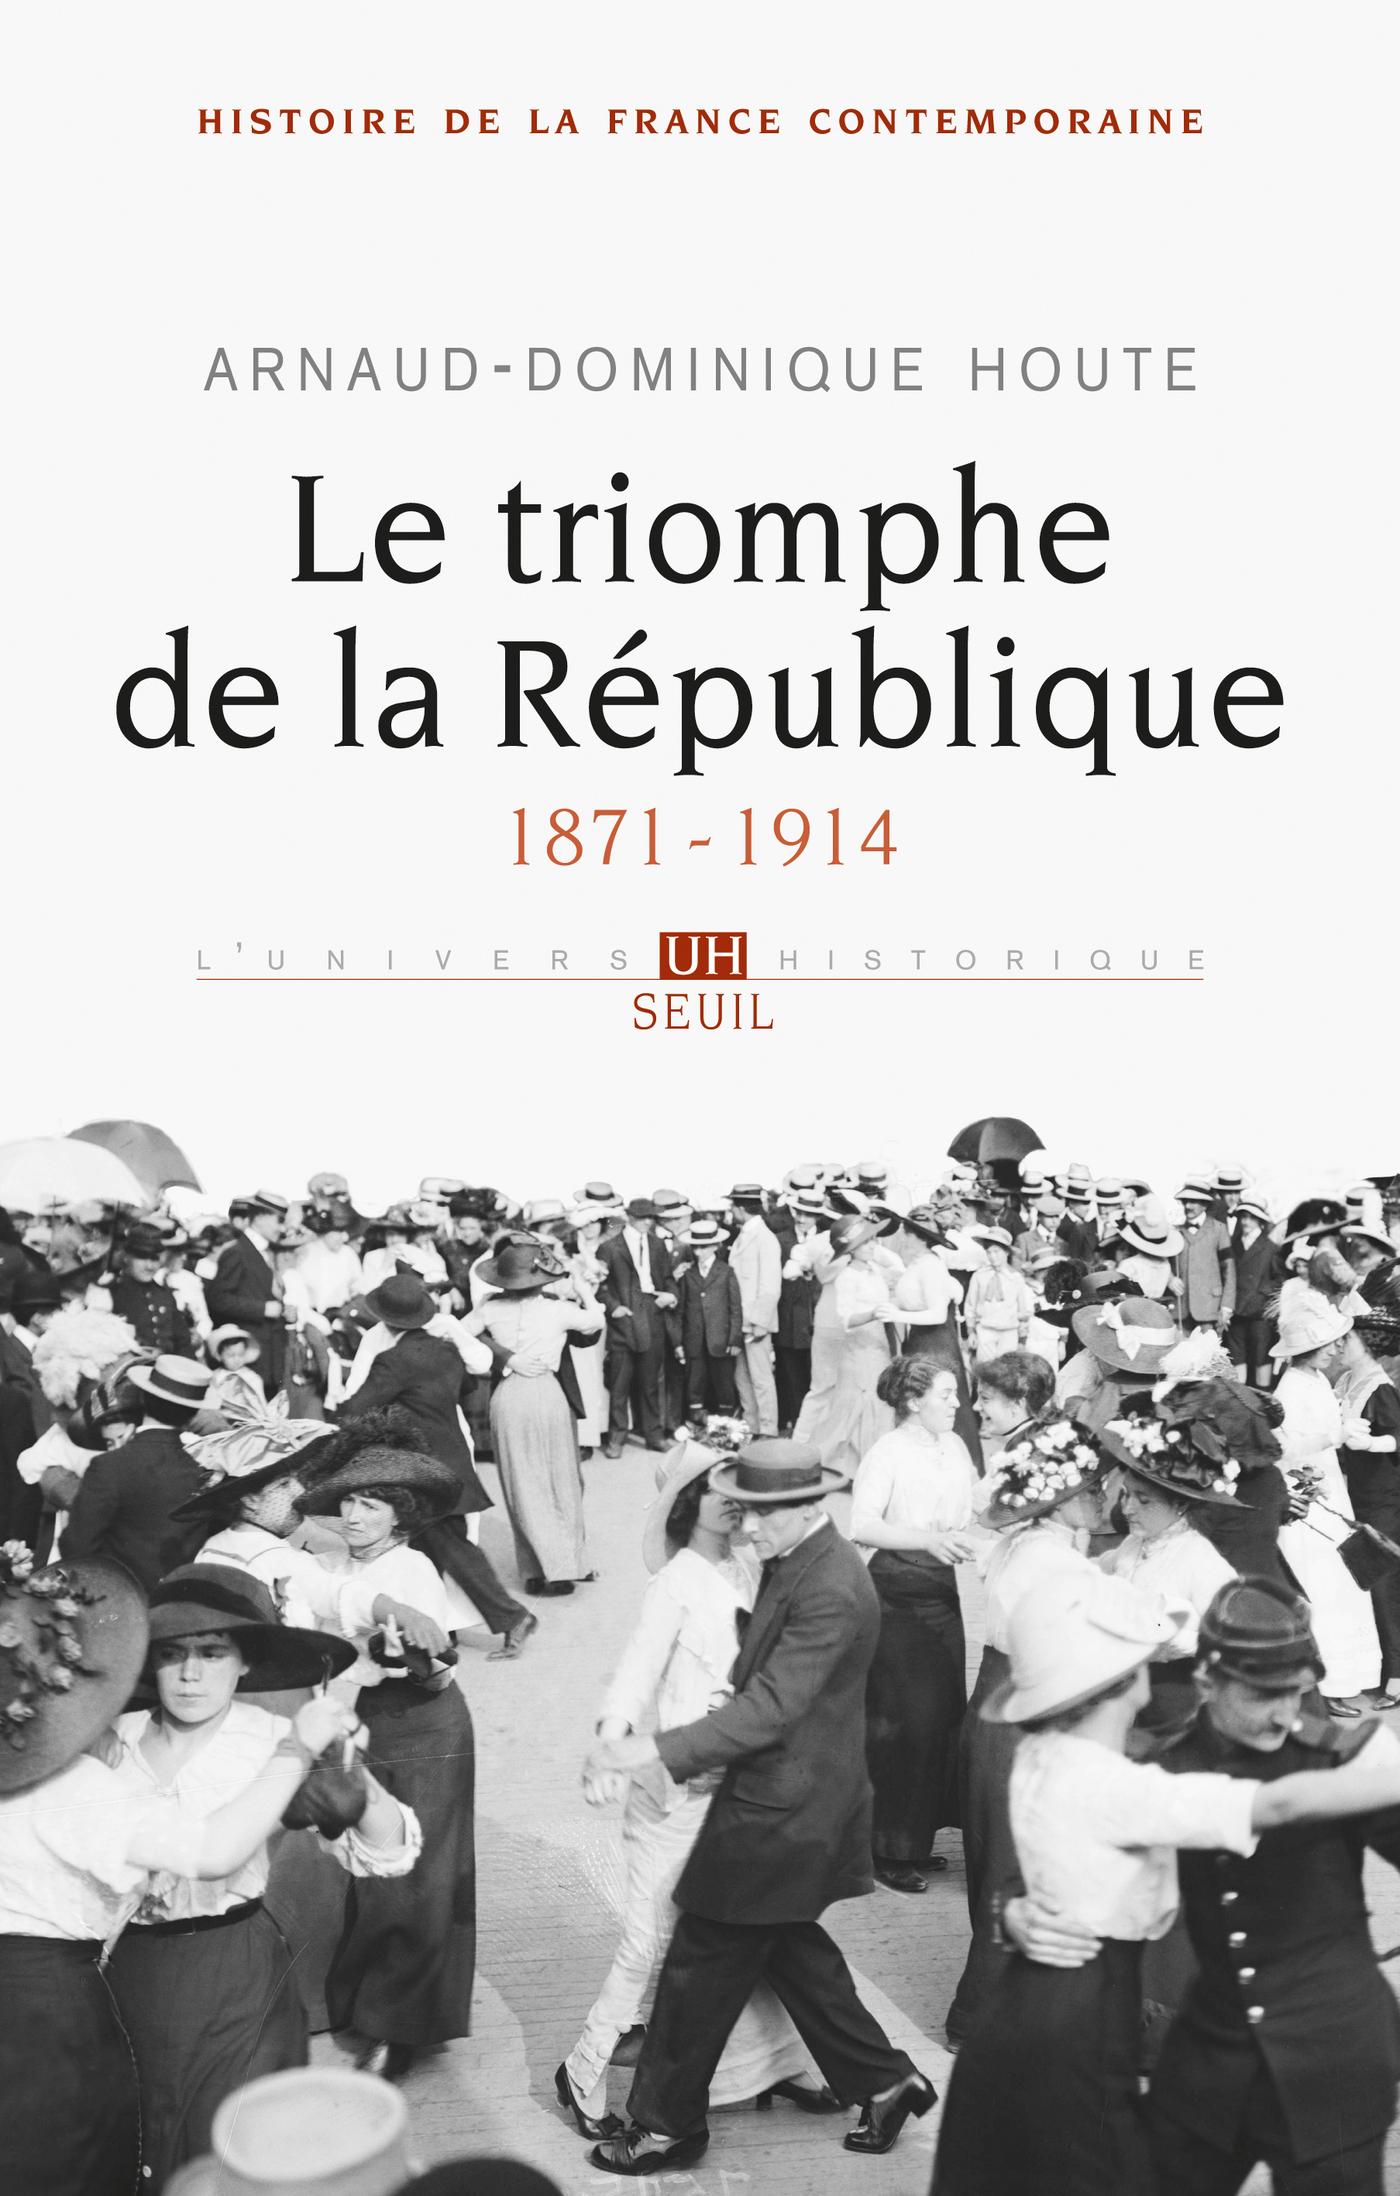 Le Triomphe de la République. (1871-1914)